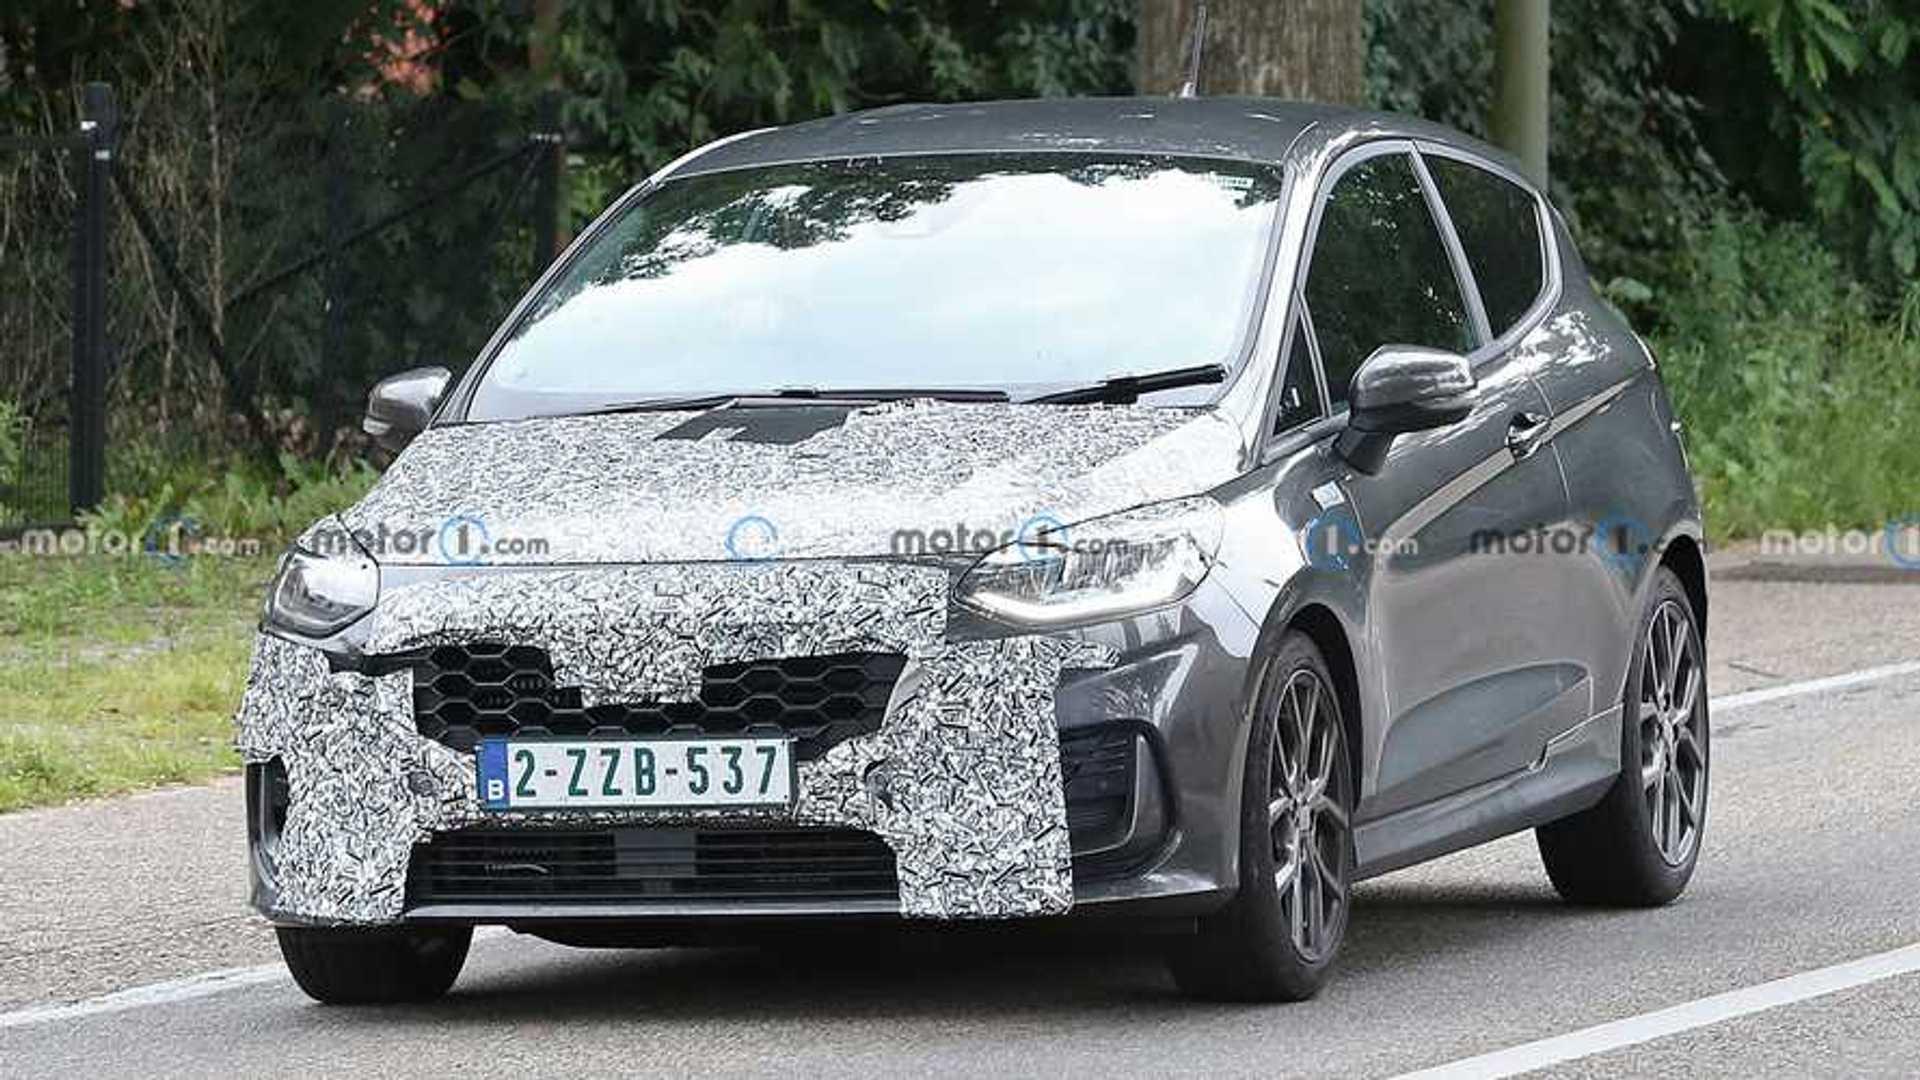 New Ford Fiesta Spy Shots